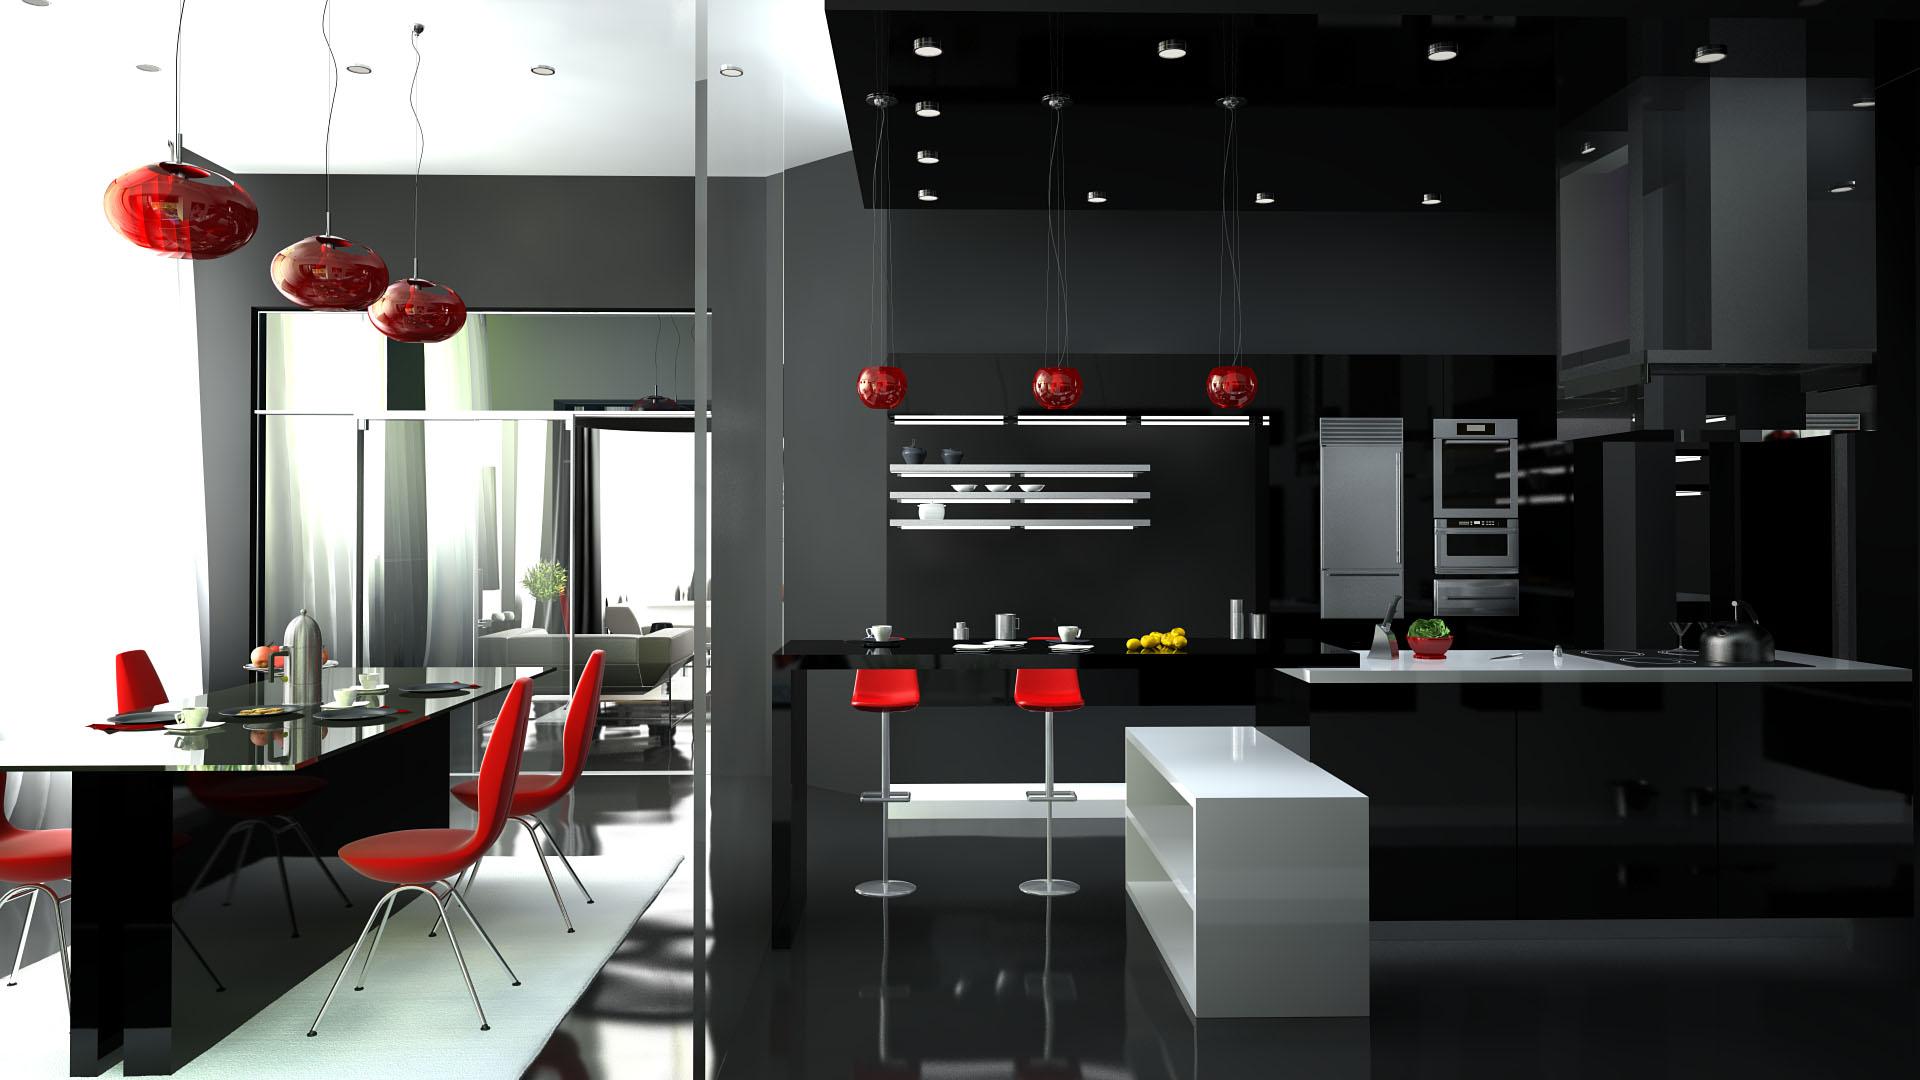 Фотогаллерея дизайна кухонь в стиле хайтек